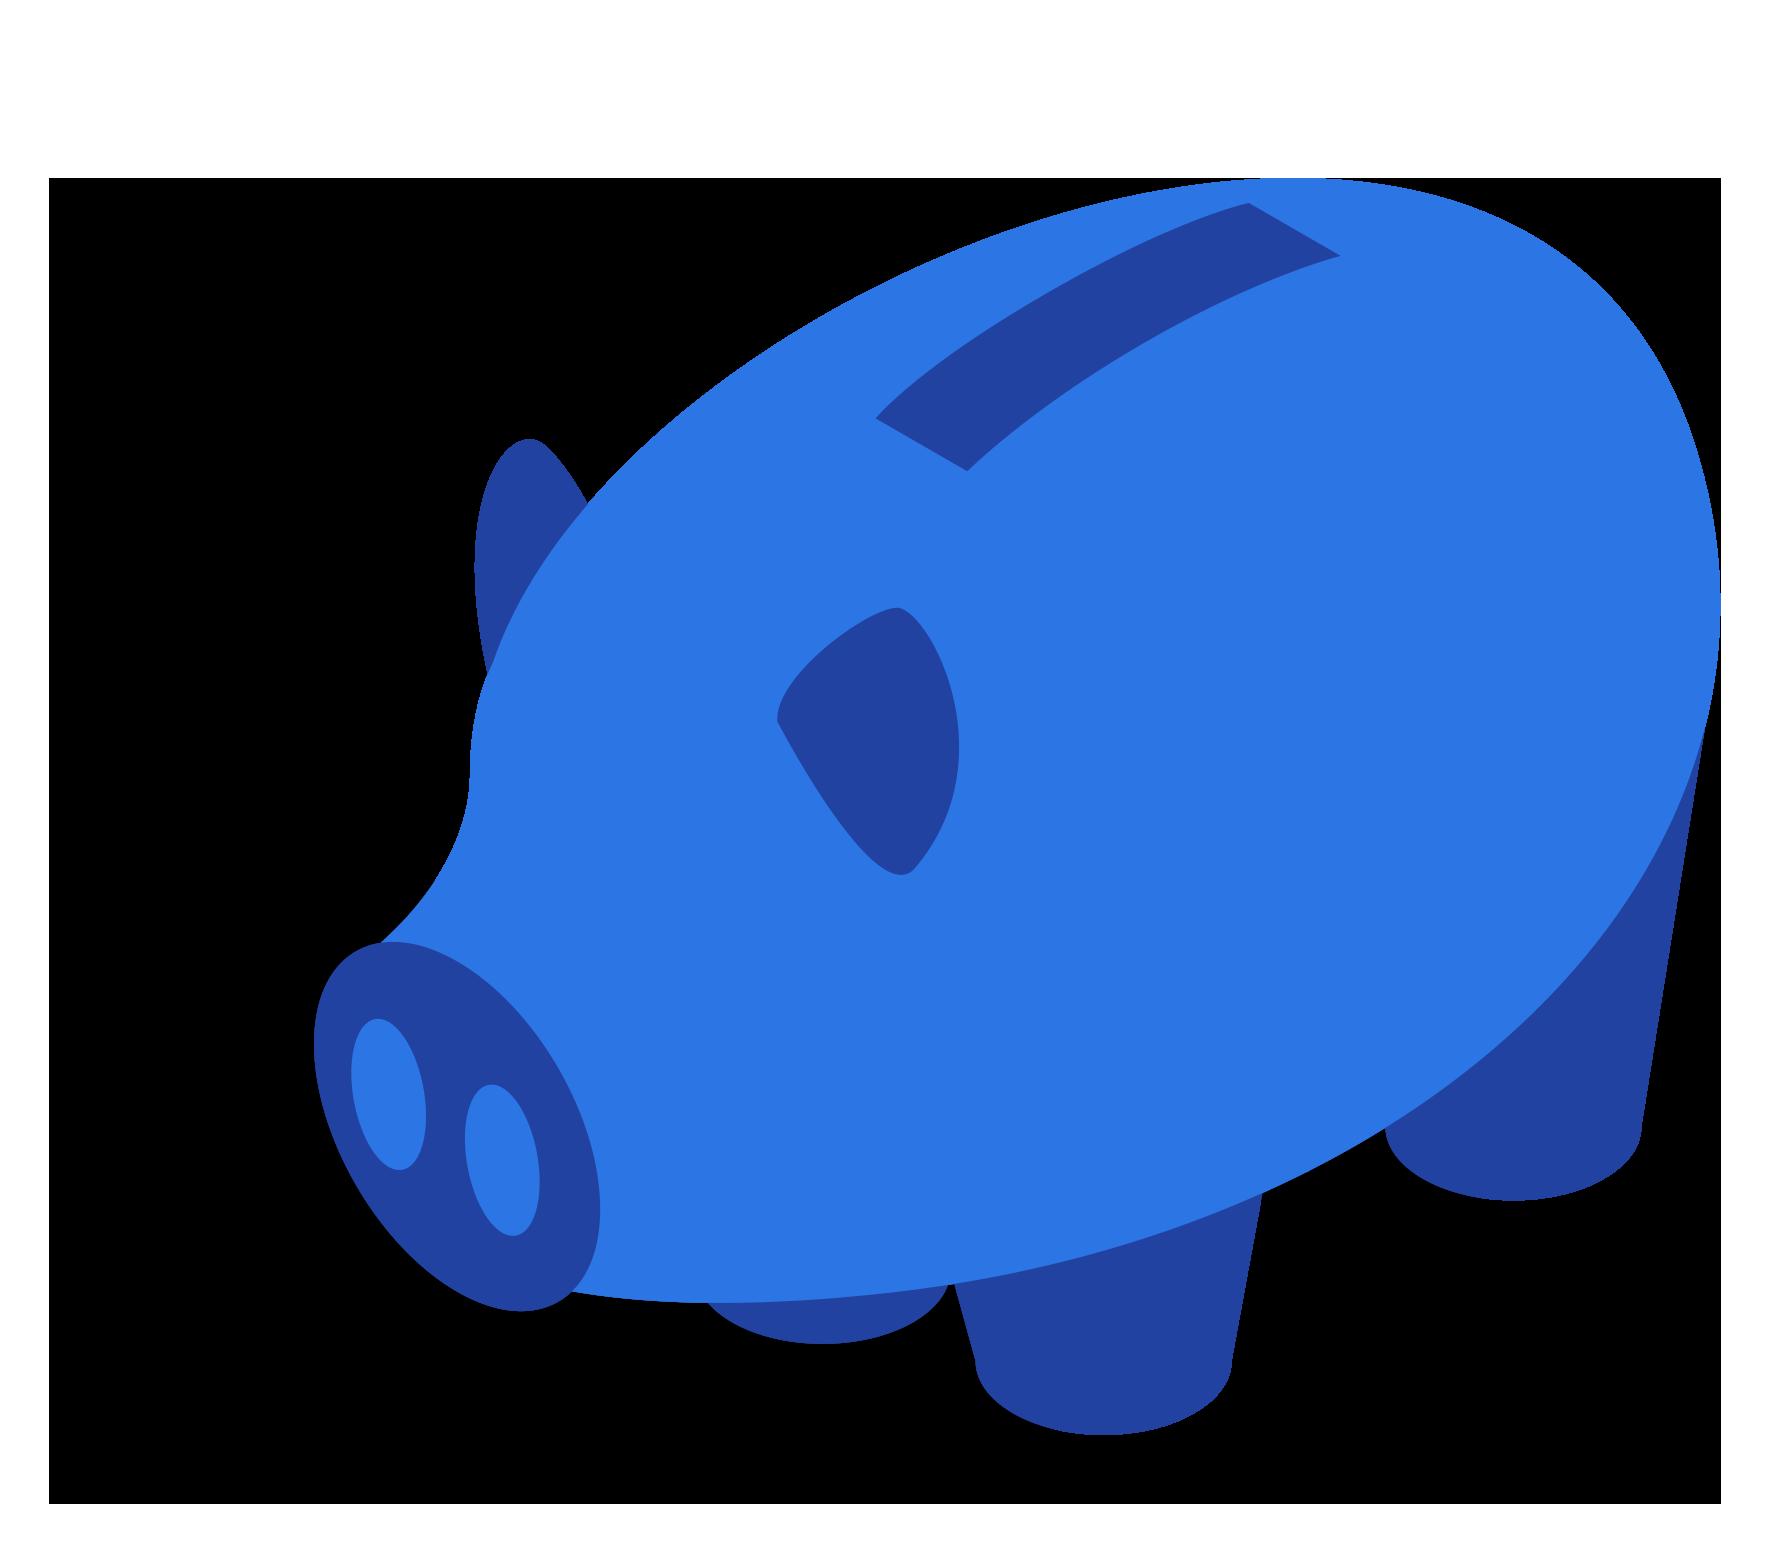 Blauw spaarvarken